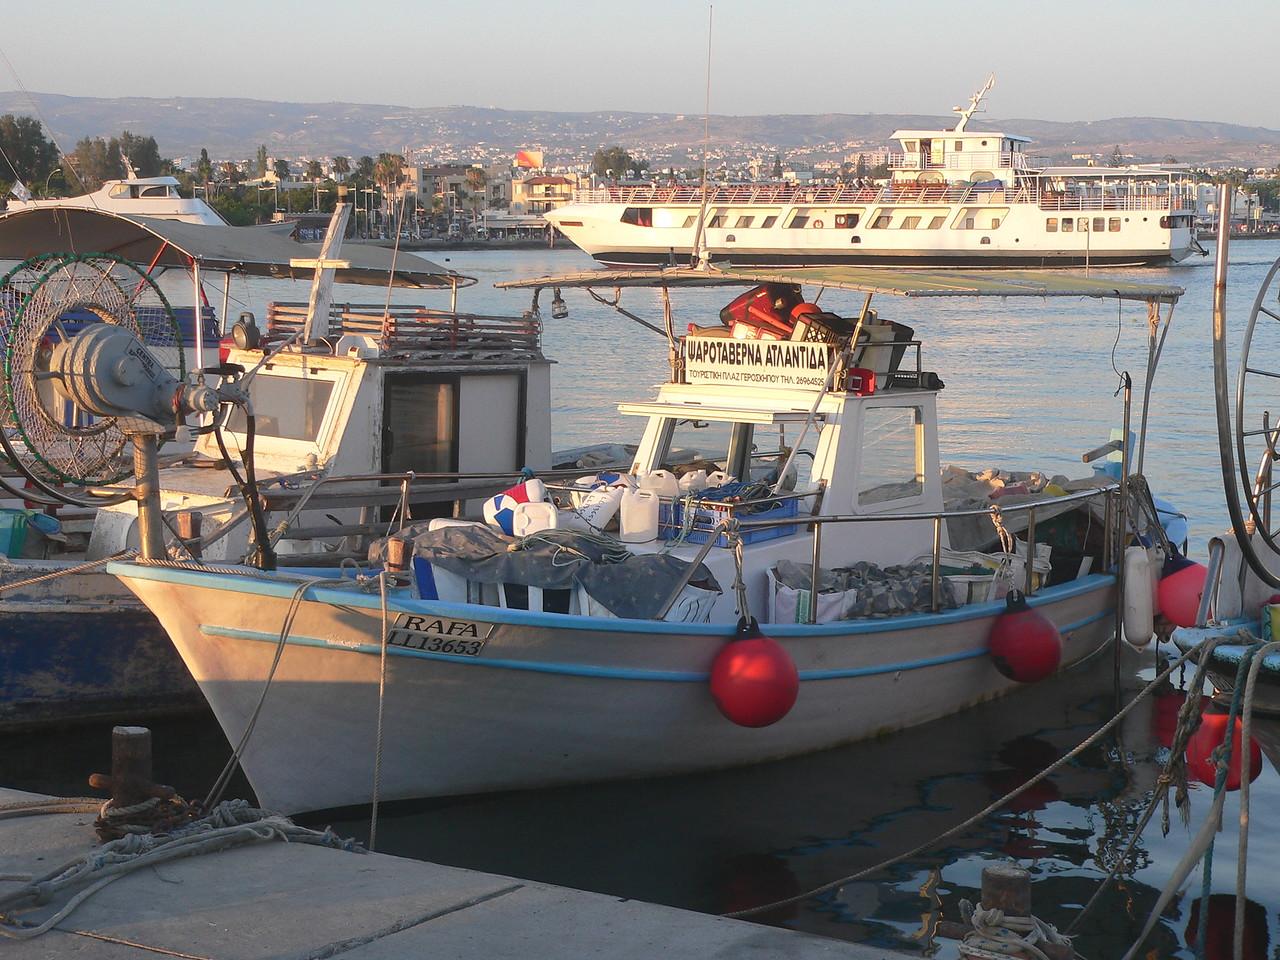 RAFA, LL-13653 (Limassol), Paphos July 2013